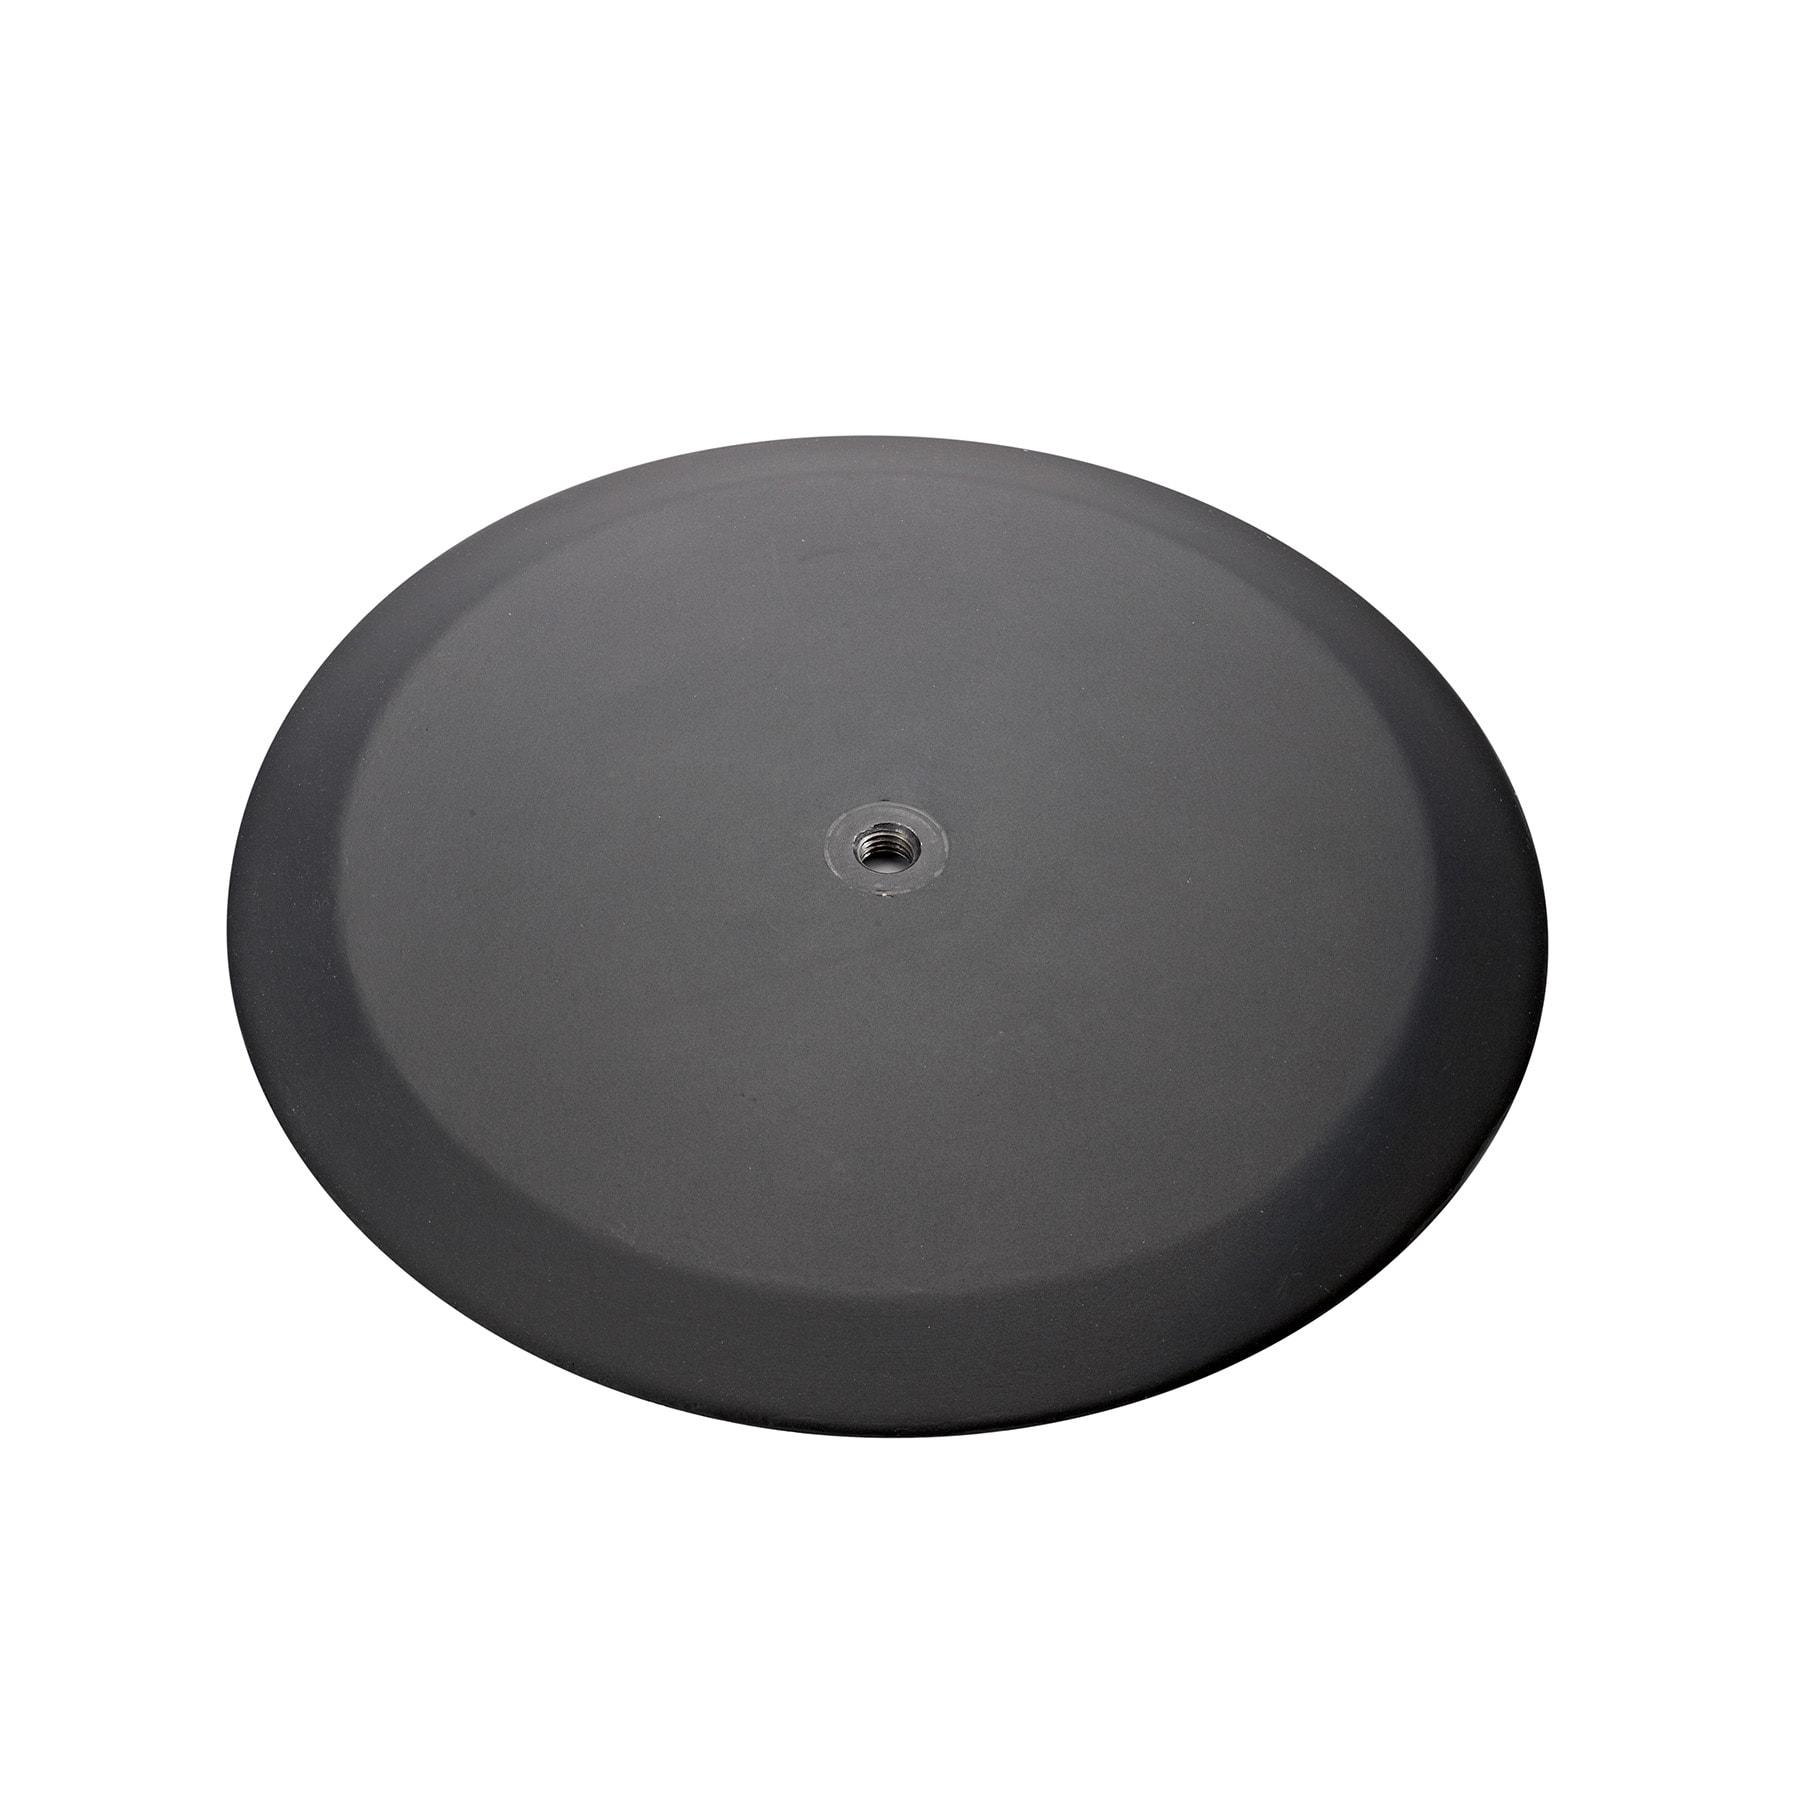 KM26700 - Base plate